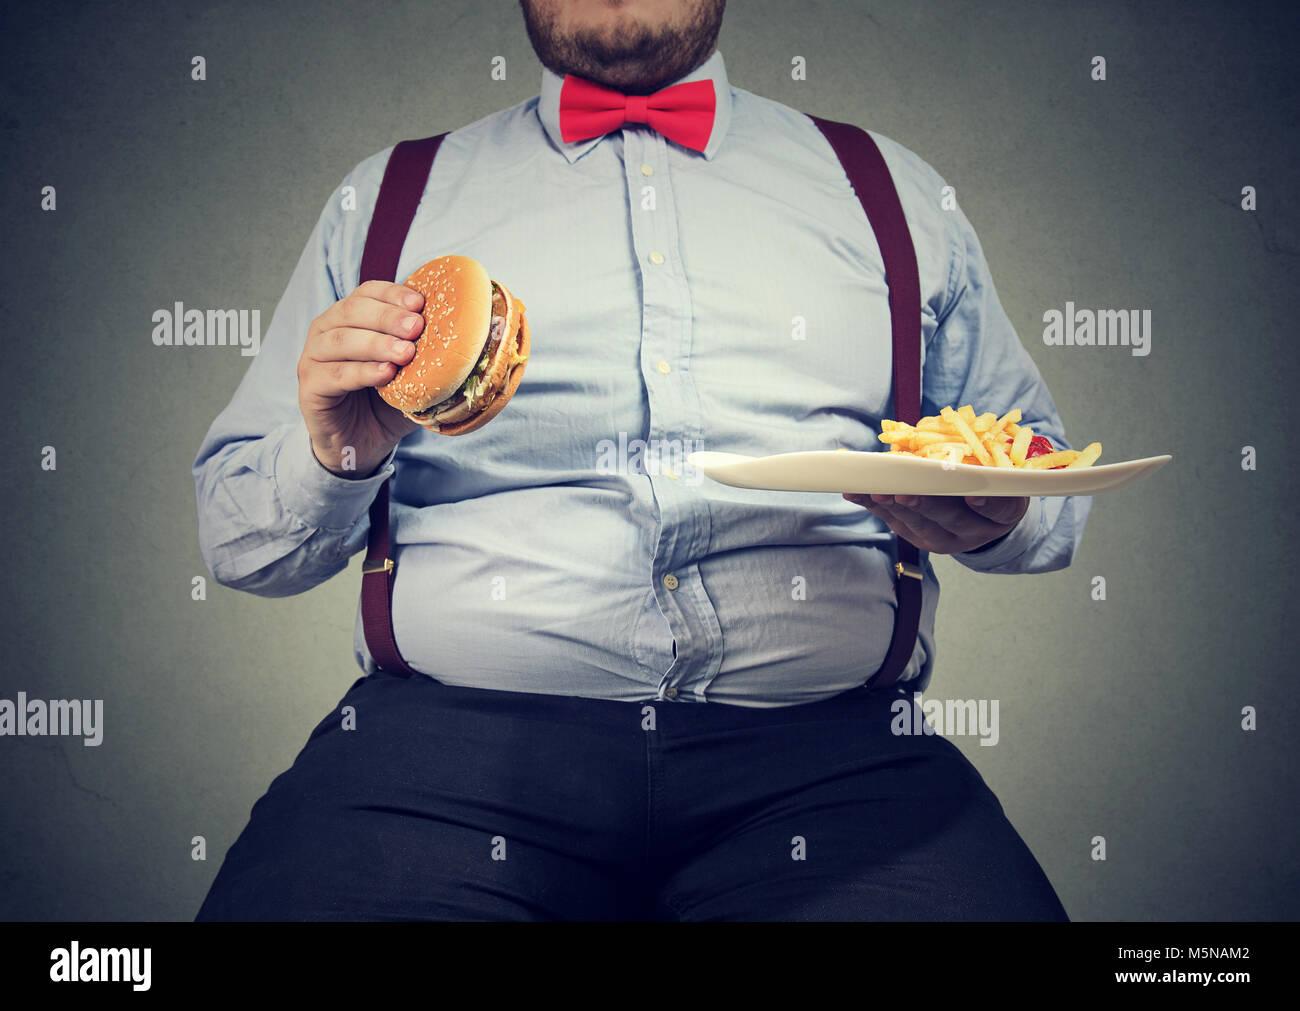 Crop colpo di grande uomo in abiti formali seduto e consumando la piastra con il fast food in grigio. Immagini Stock